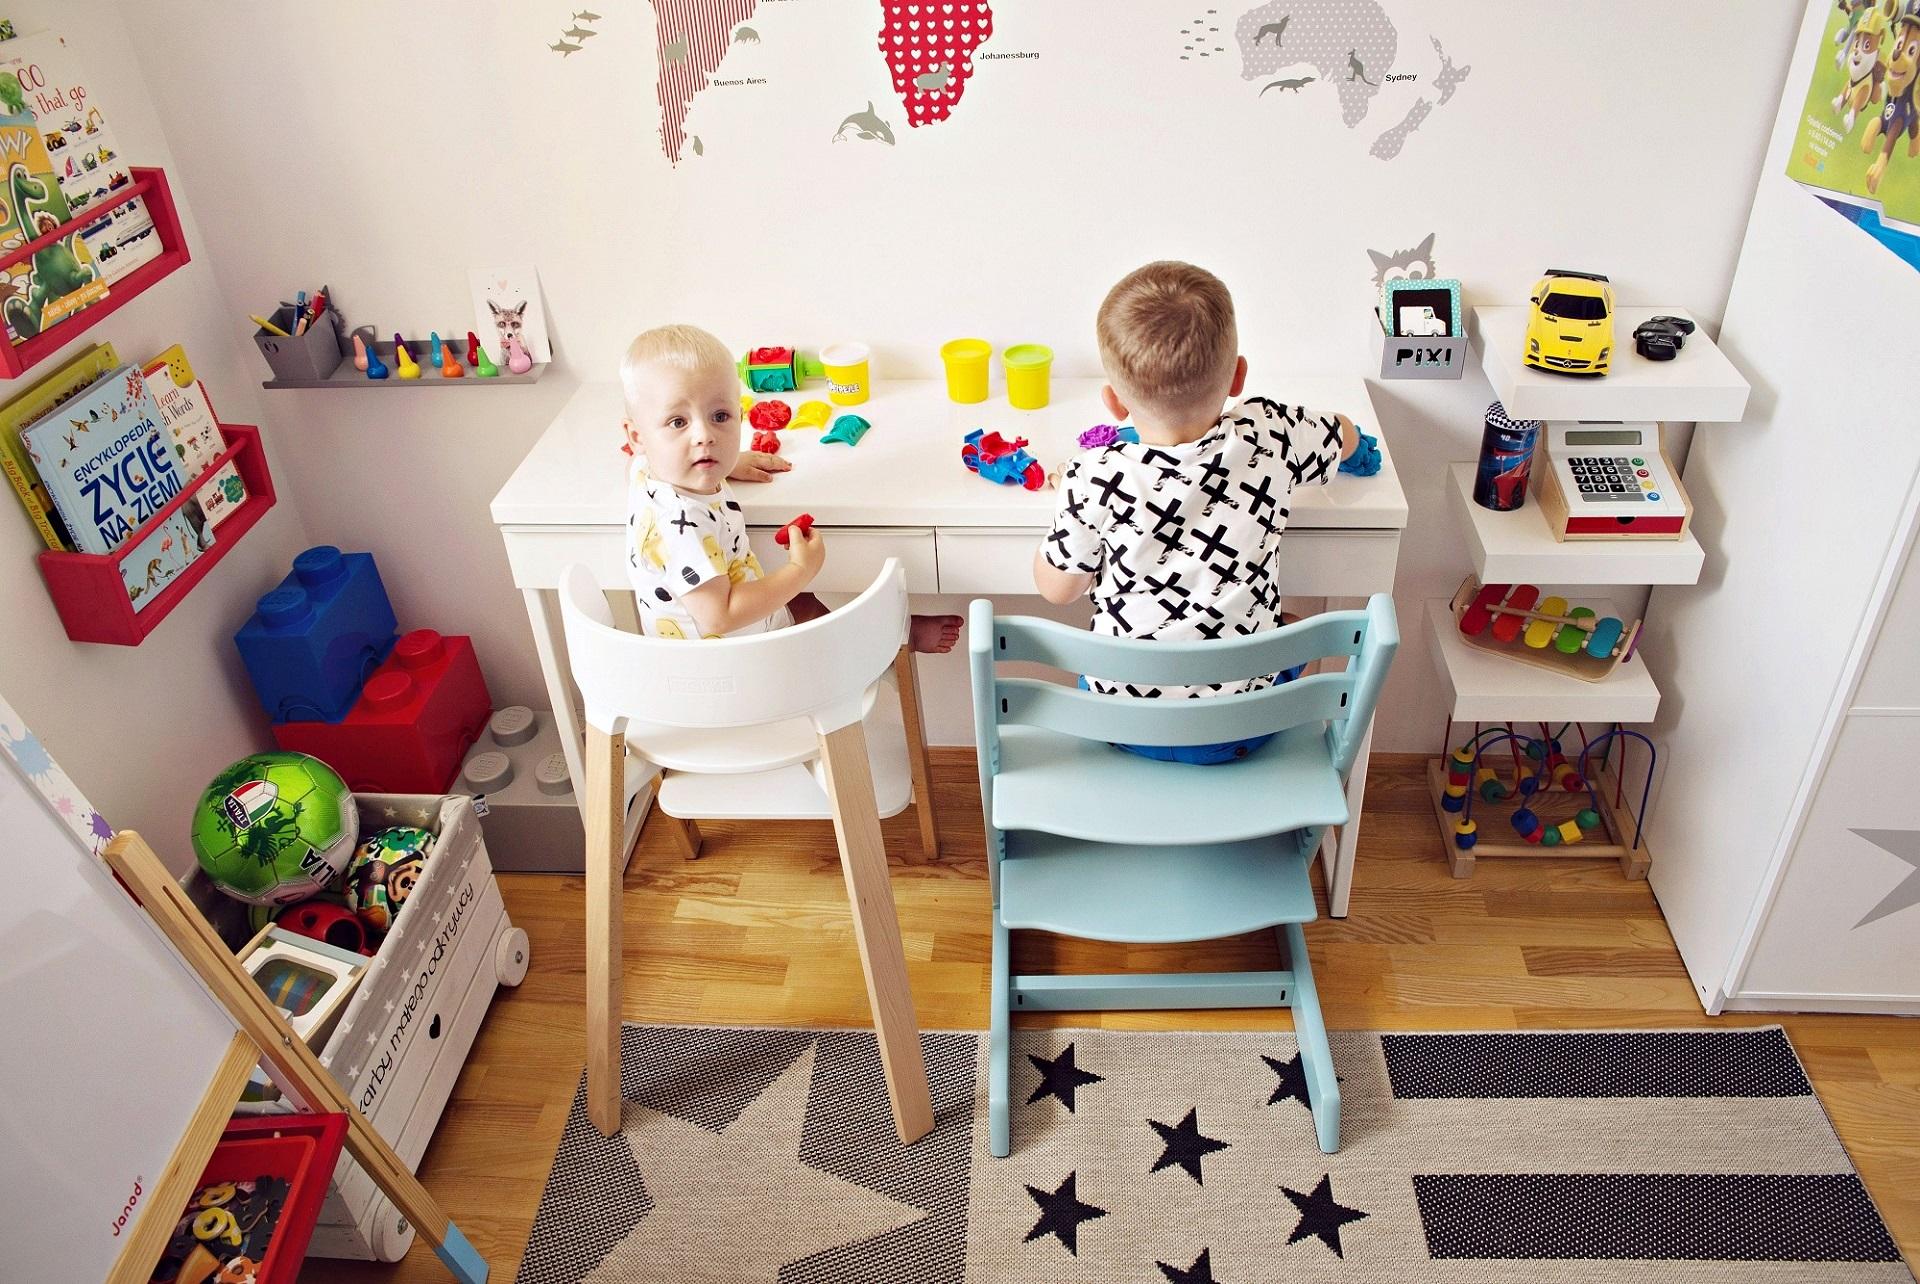 krzesło rośnie wraz z dzieckiem